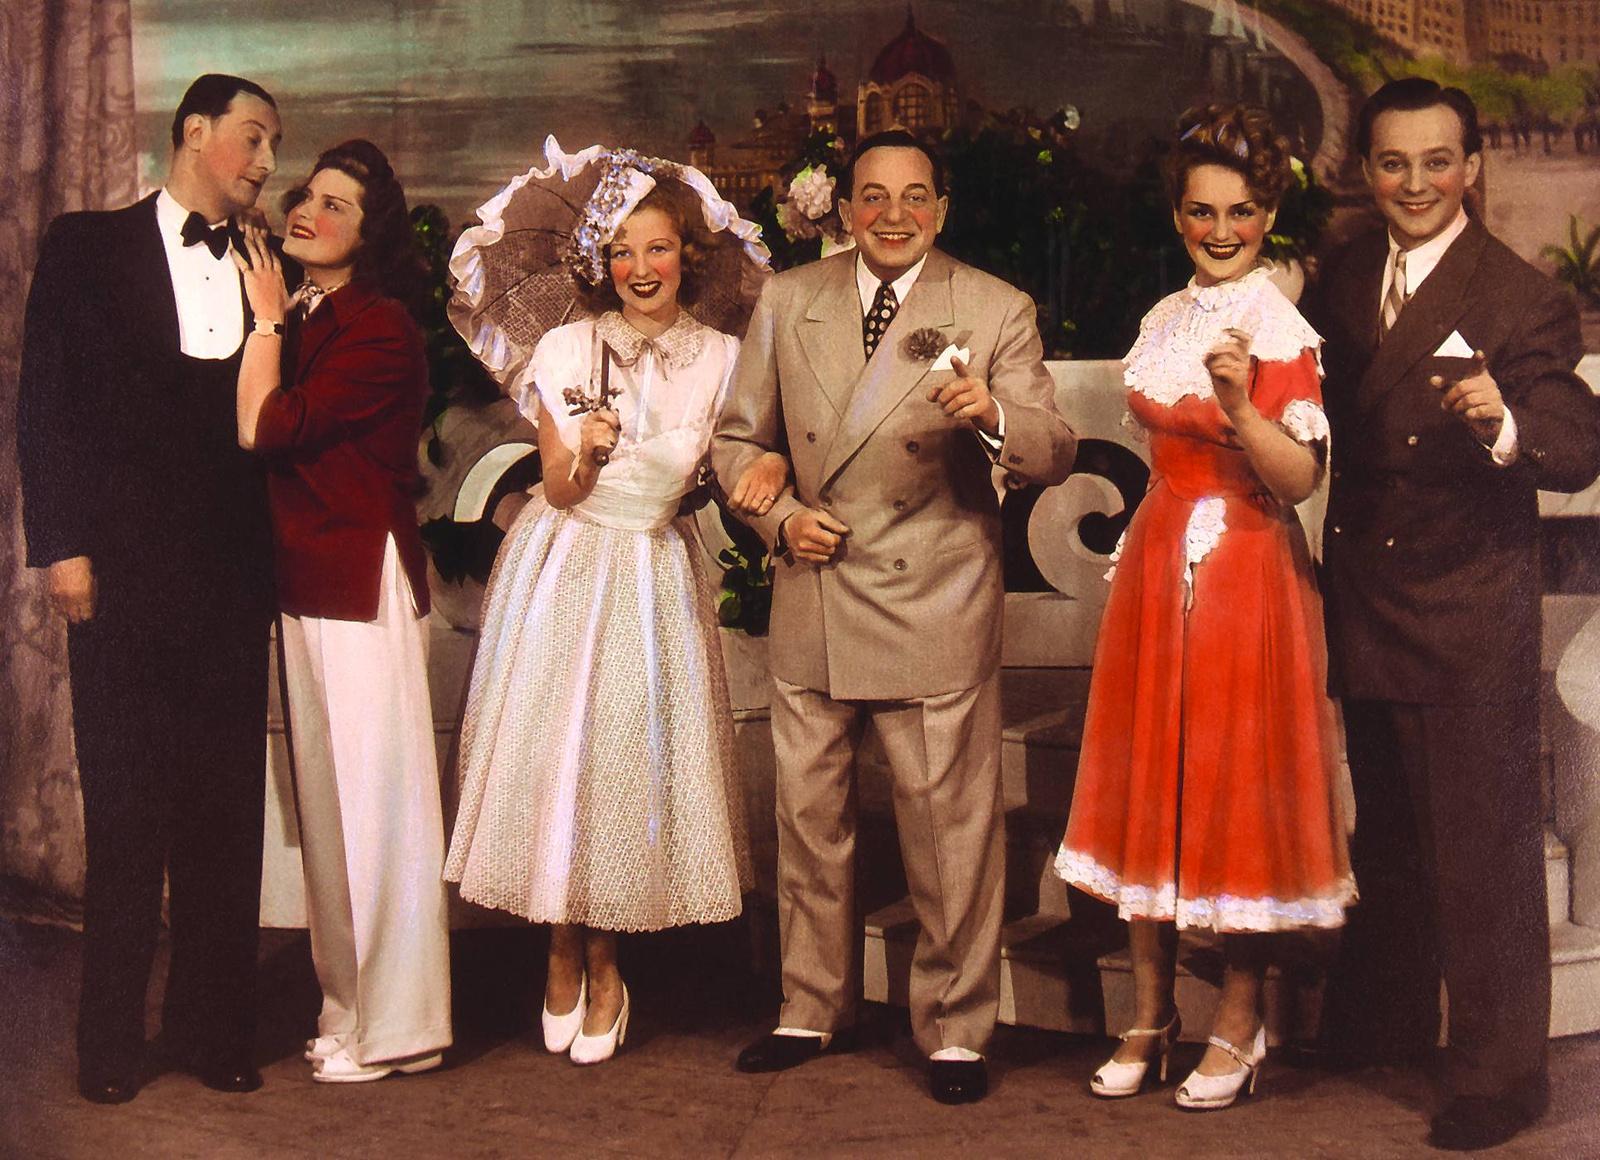 Ifj. Latabár Árpád, Karády Katalin, Bársony Rózsi, Dénes Oszkár, Németh Marika és Gozmány György Ábrahám Pál Bál a Savoyban című operettjében. Fővárosi Operettszínház, 1948.